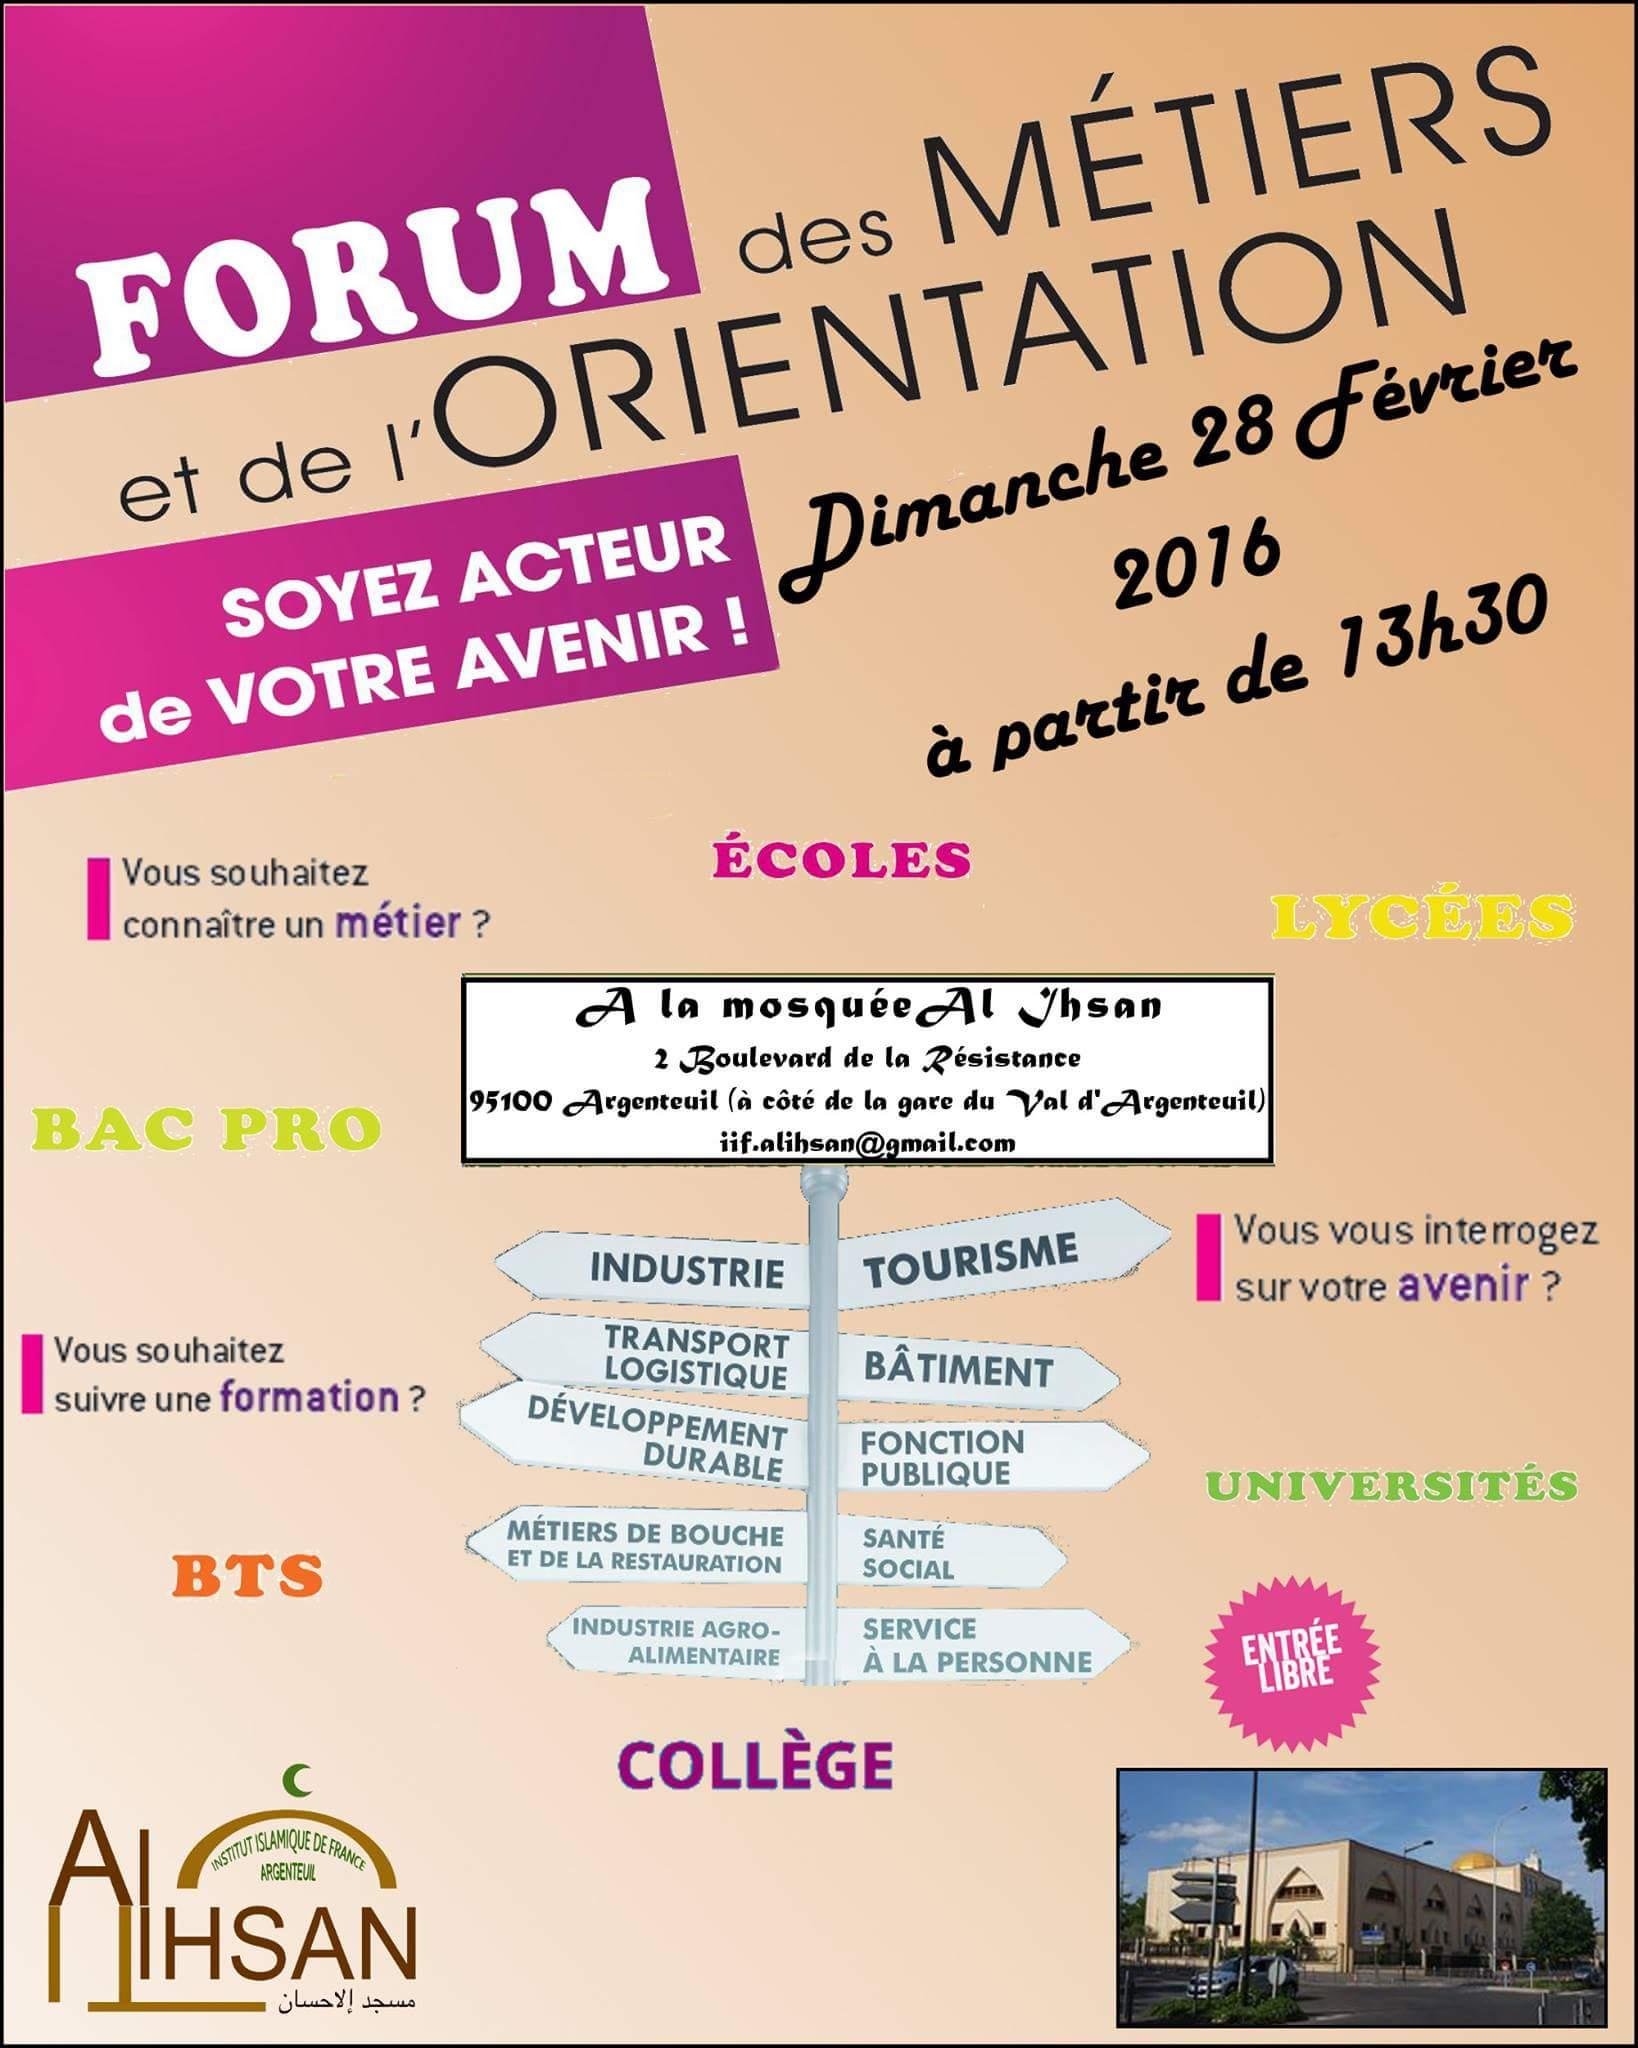 Forum des métiers à la mosquée Al Ihsane d'Argenteuil